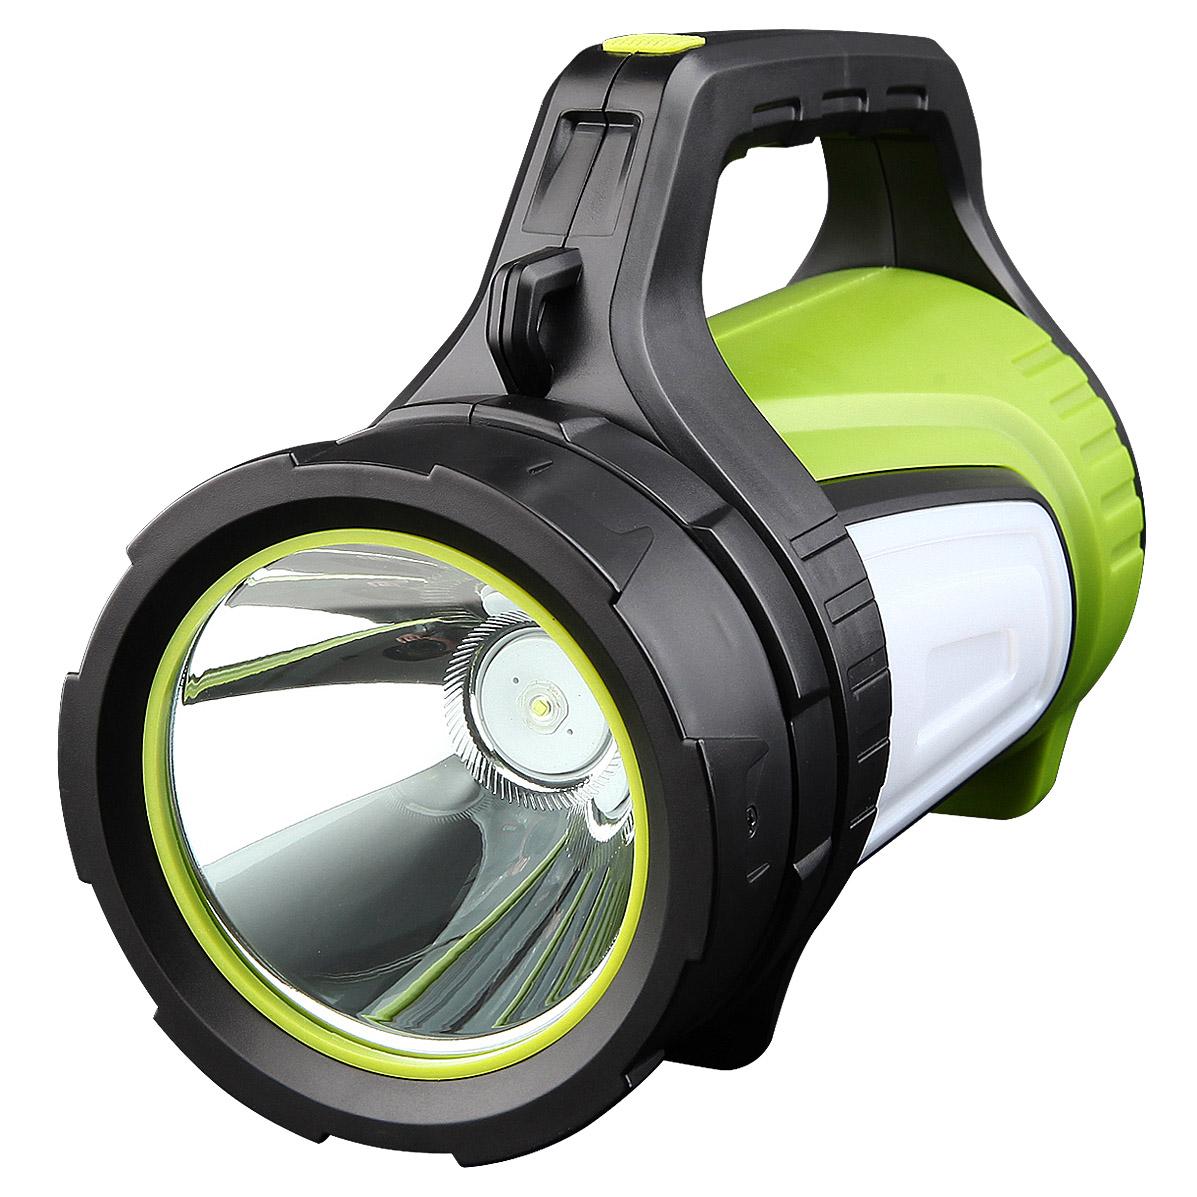 探照灯强光远程可充电超亮防水5000户外打猎1000手提灯手电筒w